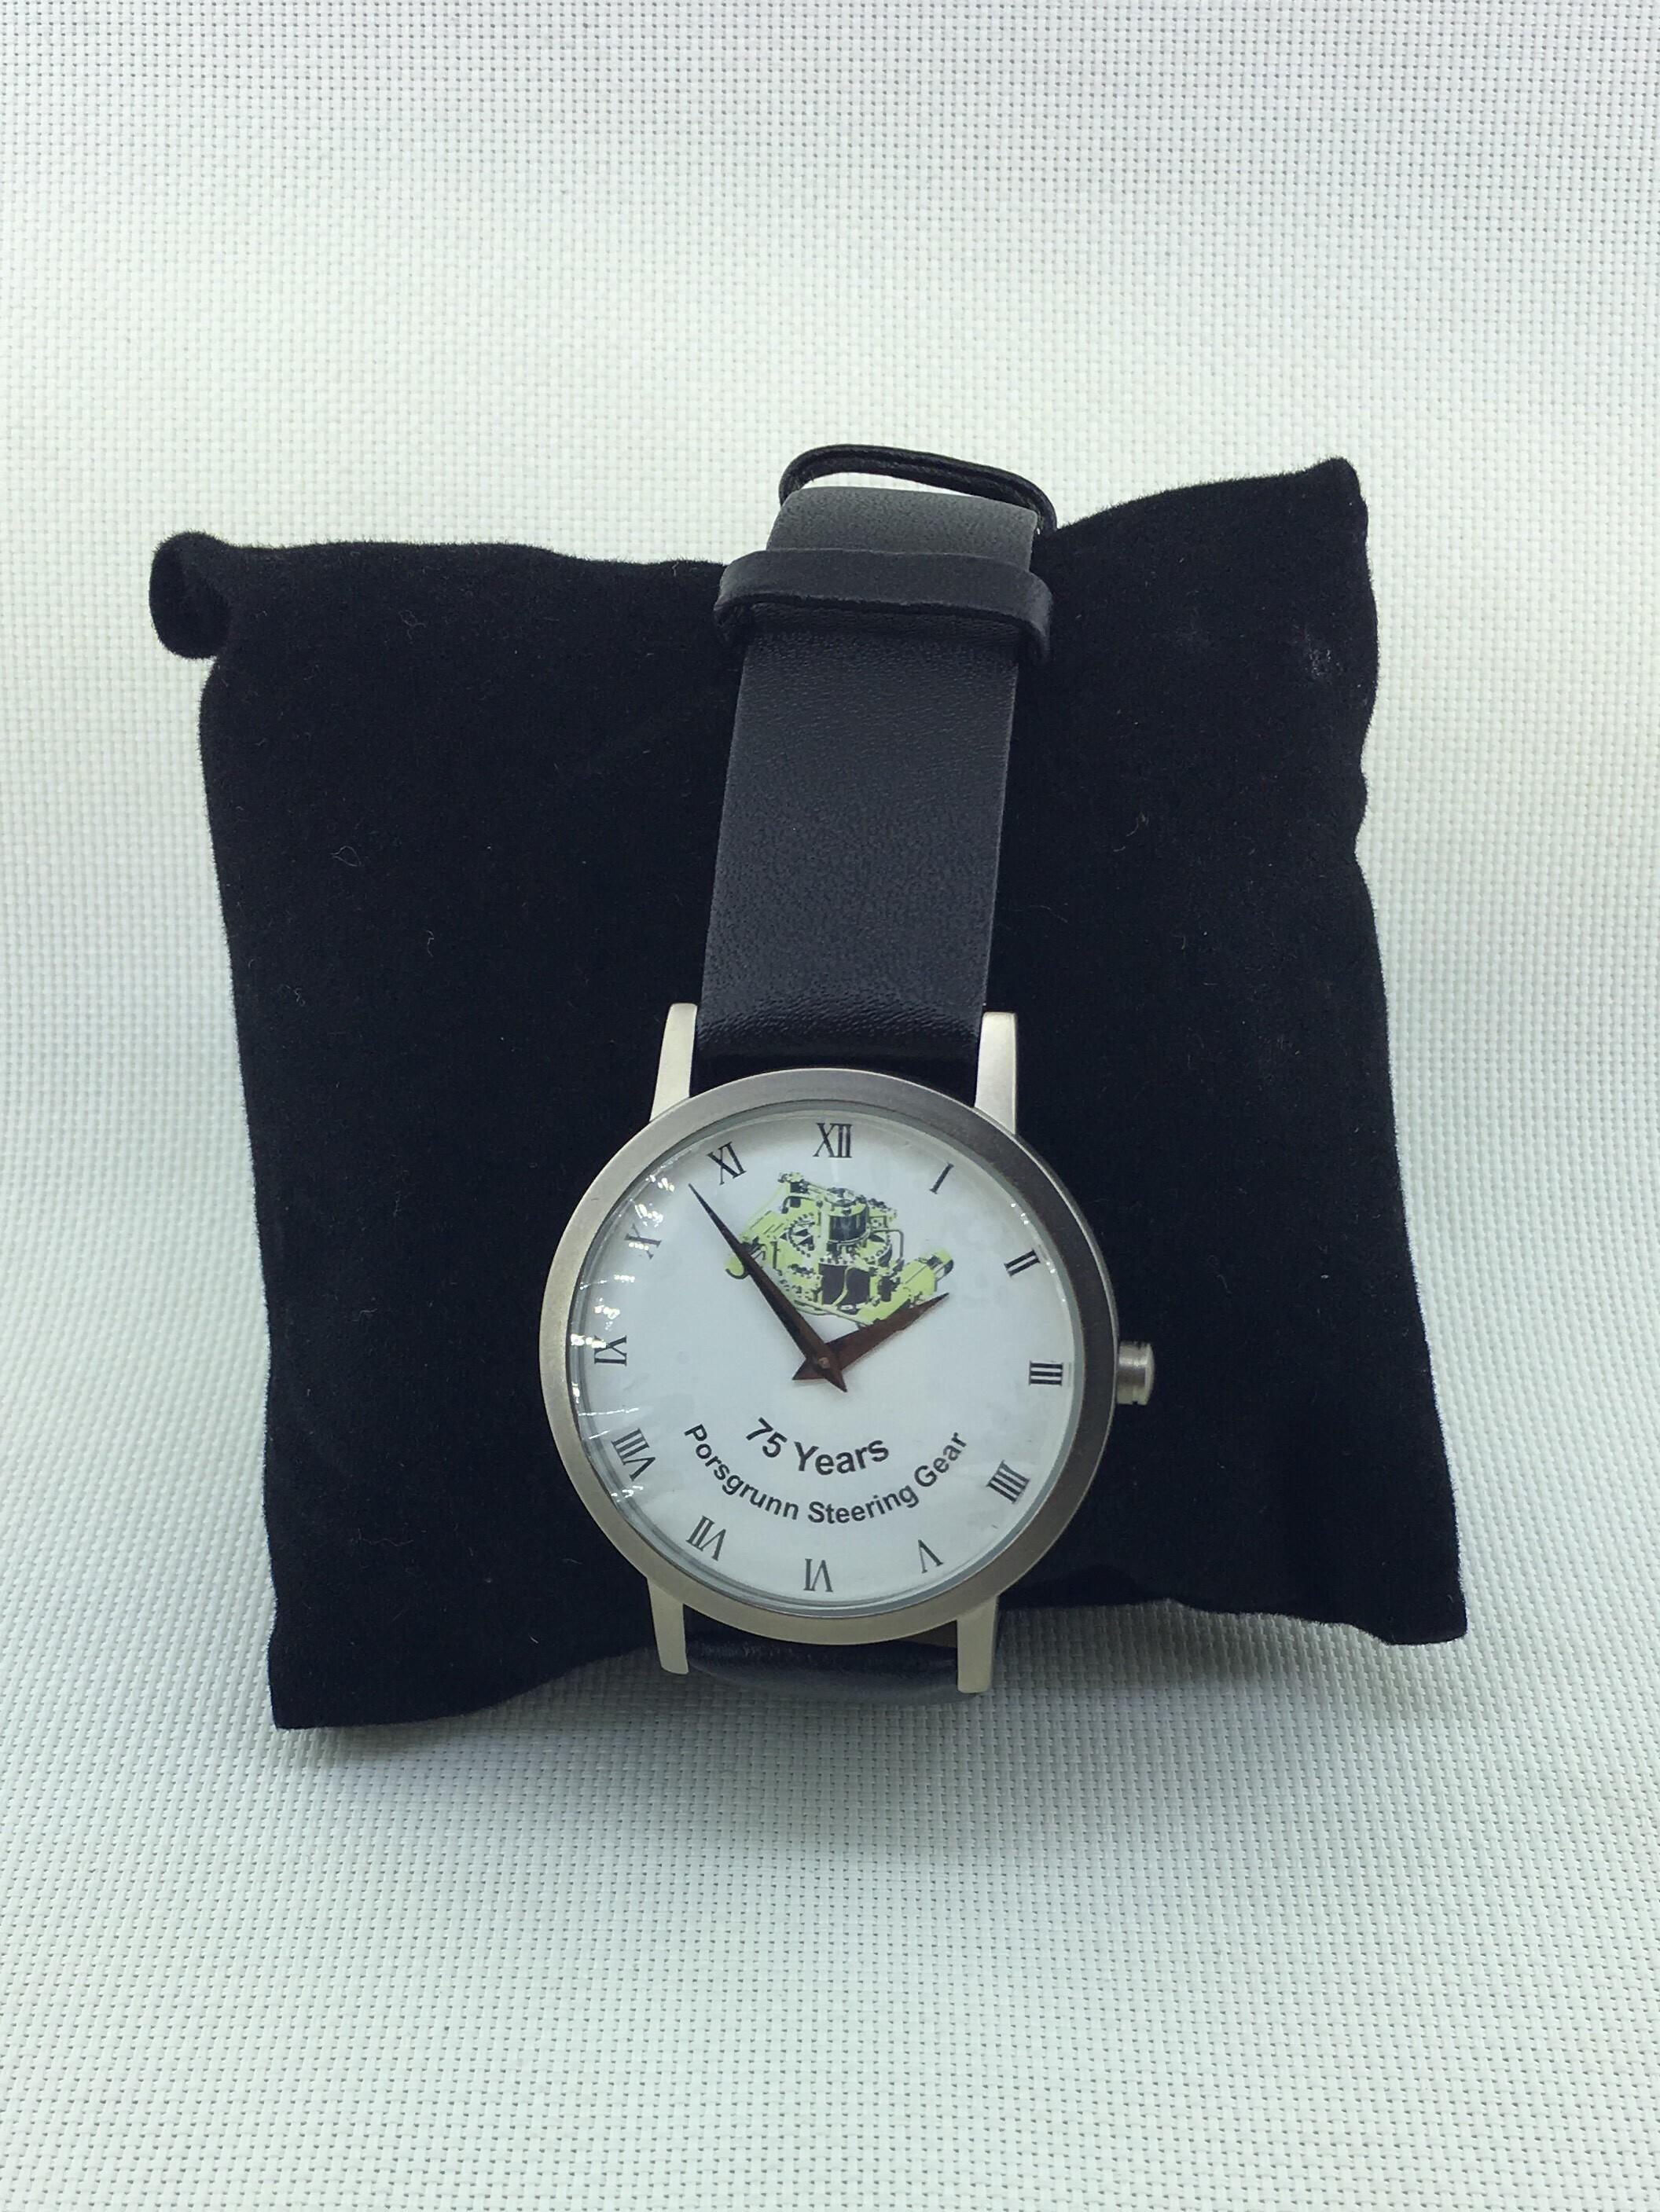 Часы Норвежский Porsgrunn/Акер решения таблицы тонкой титана оболочки, которую Цифровые Часы